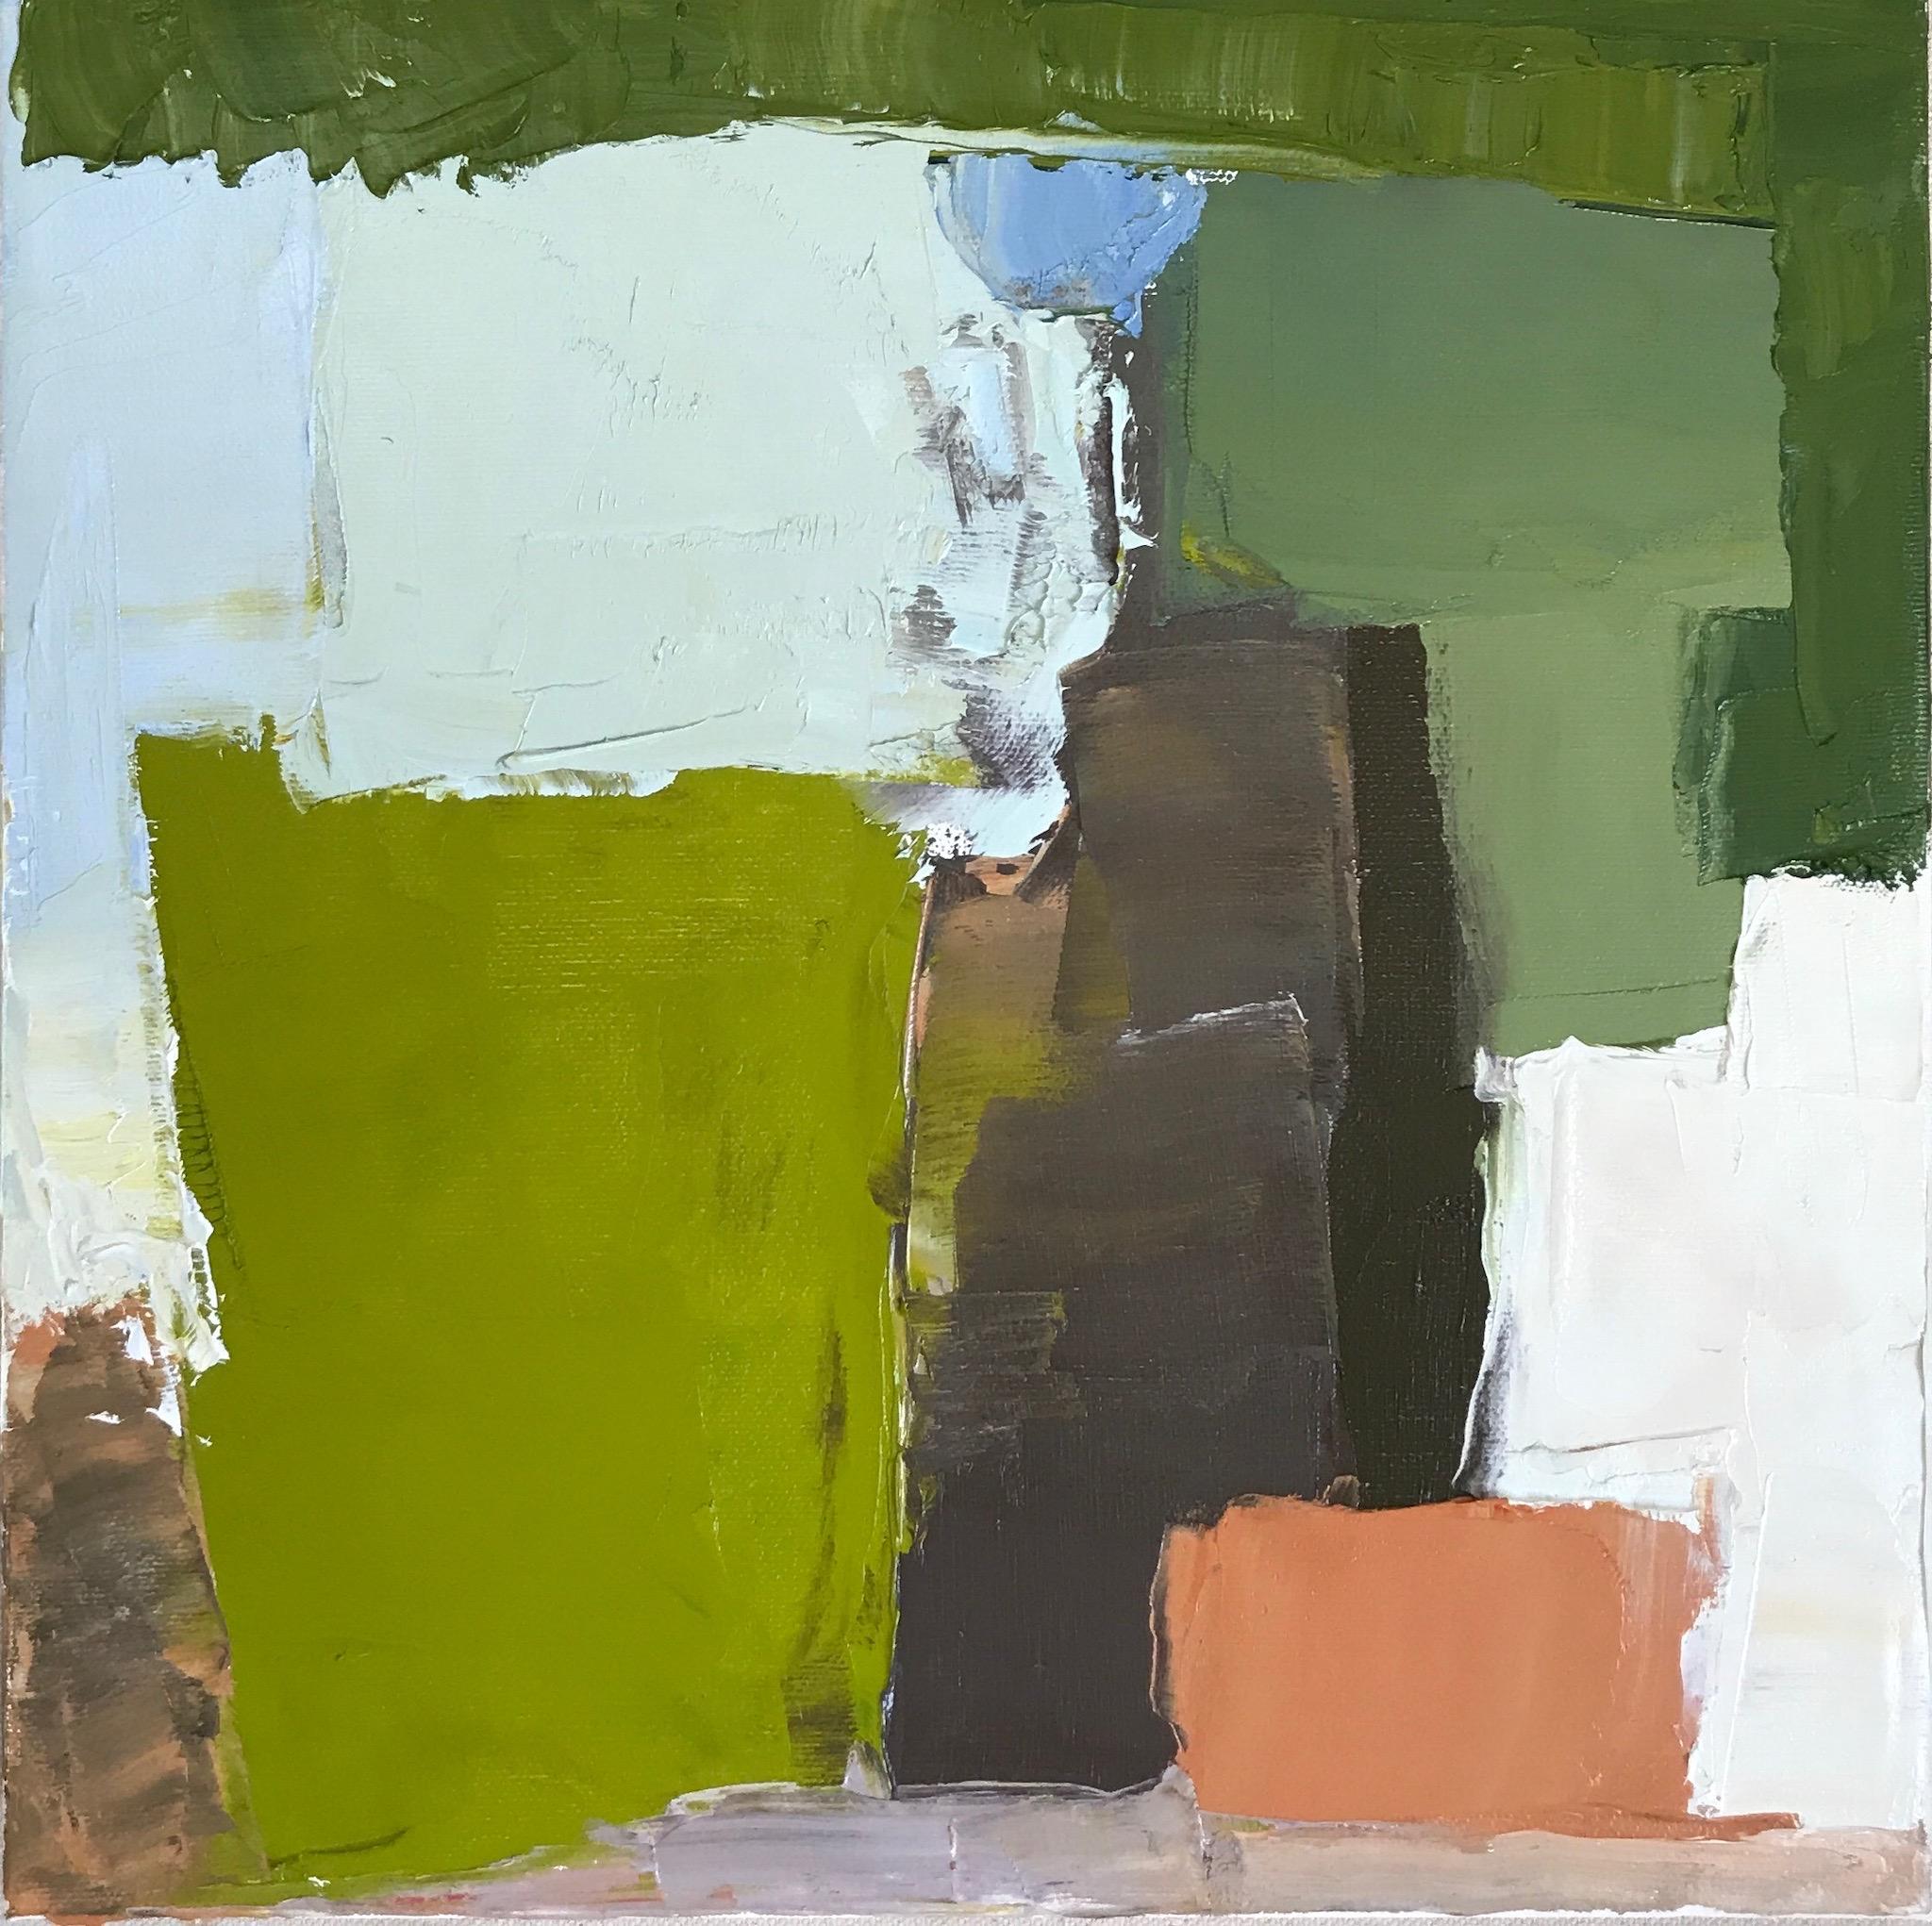 Paint, 2017